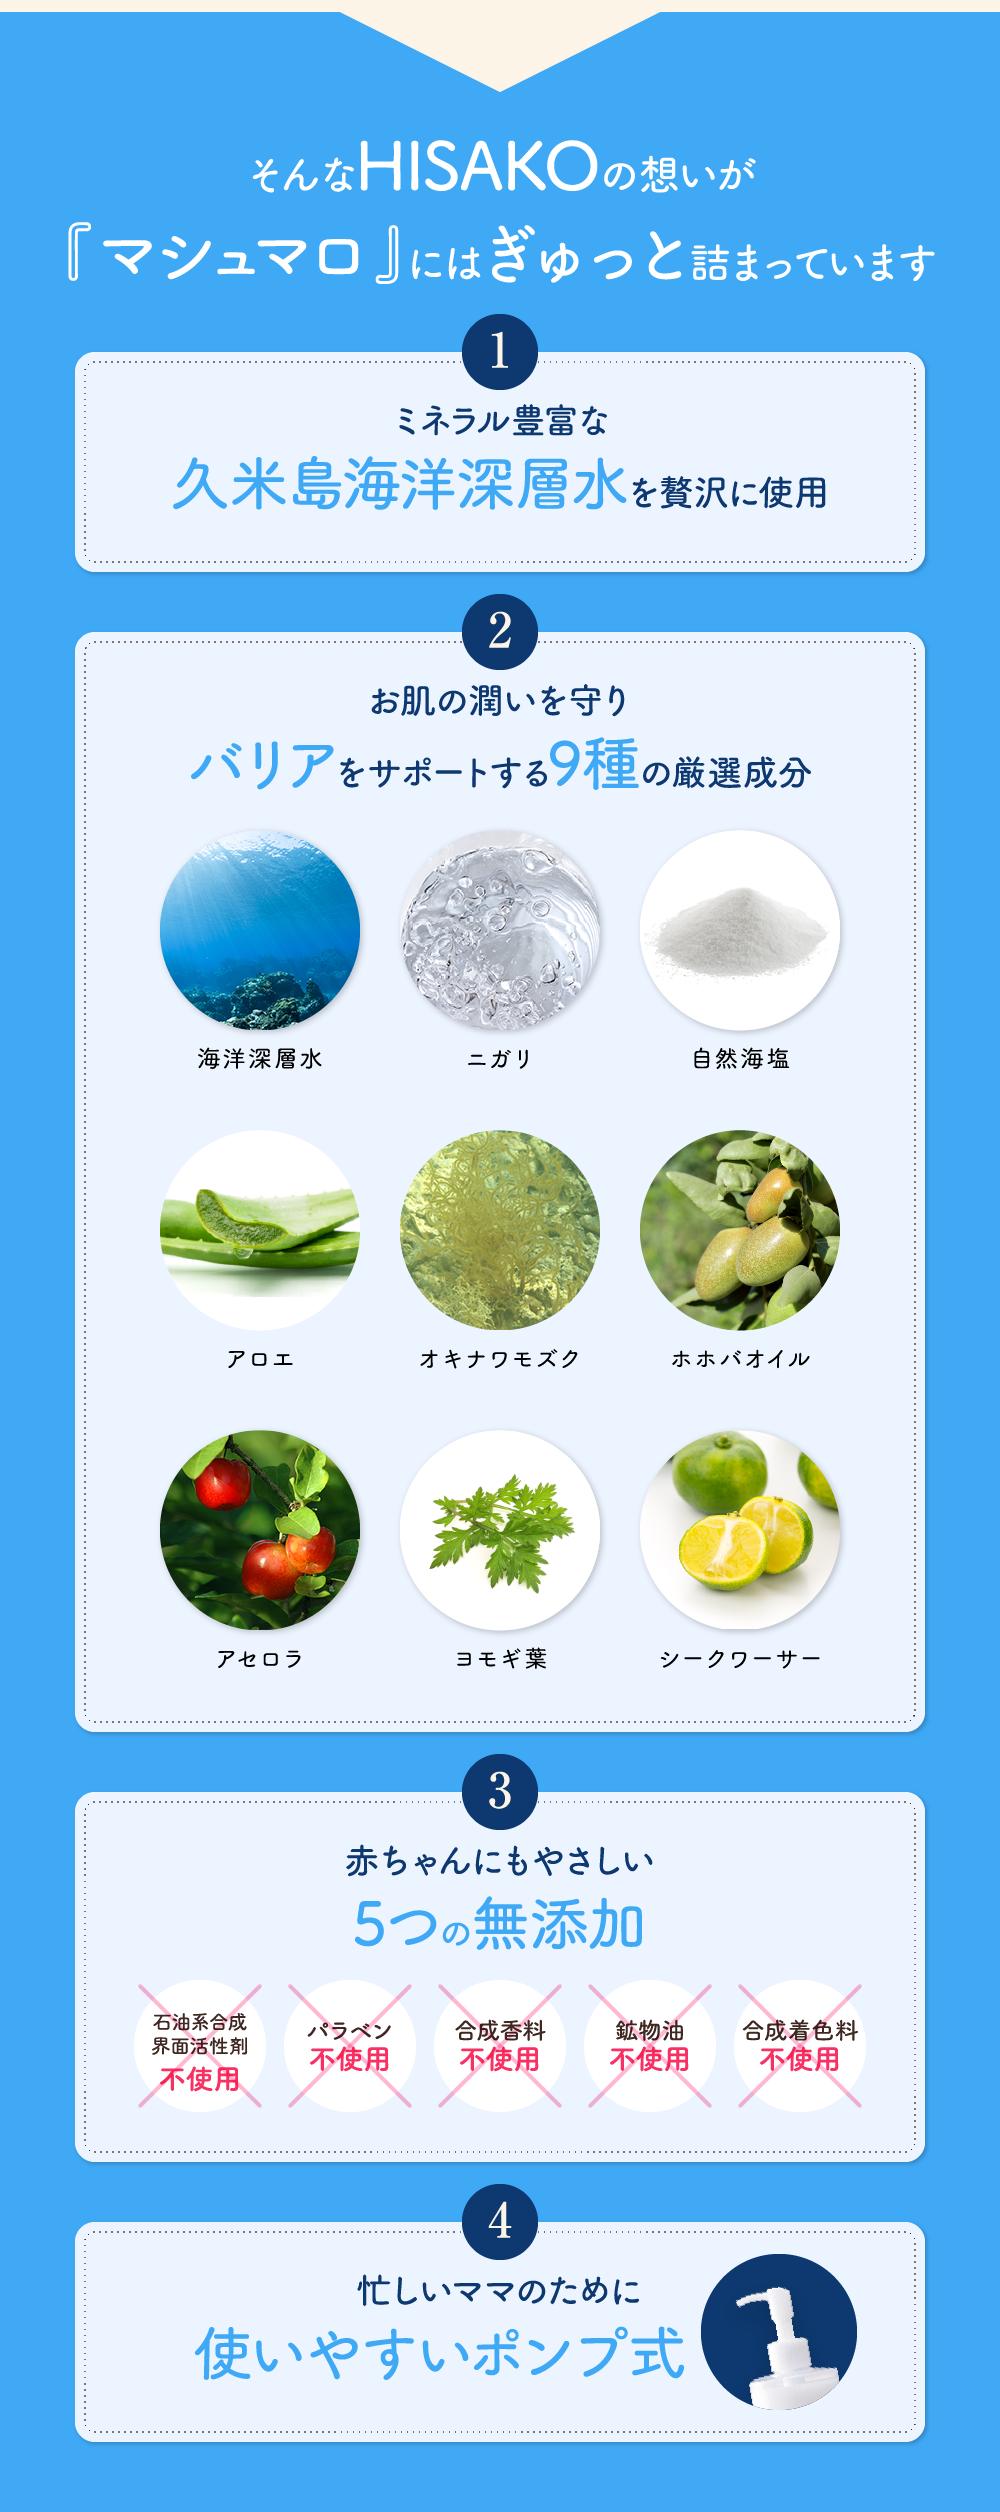 そんなHISAKOの想いが『マシュマロ』にはぎゅっと詰まっています 1.ミネラル豊富な久米島海洋深層水を贅沢に使用 2.お肌の潤いを守りバリアをサポートする9種の厳選成分 3.赤ちゃんにもやさしい5つの無添加 4.忙しいママのために使いやすいポンプ式